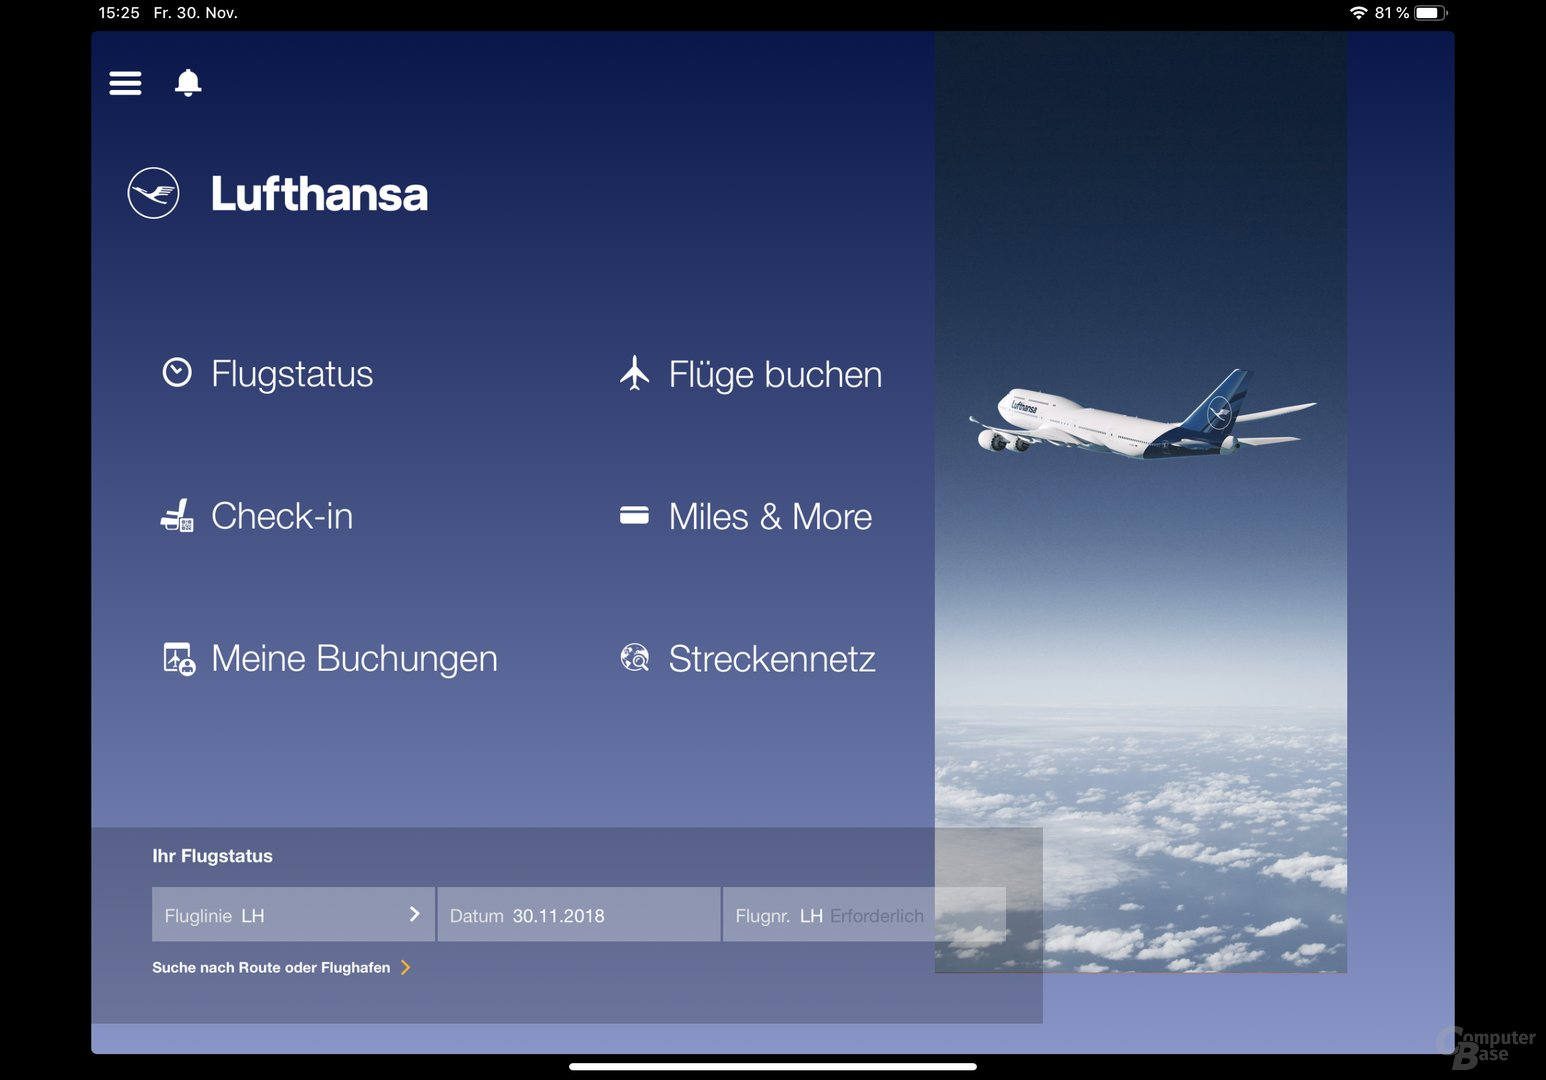 Beispiel für noch nicht angepasste App: Lufthansa